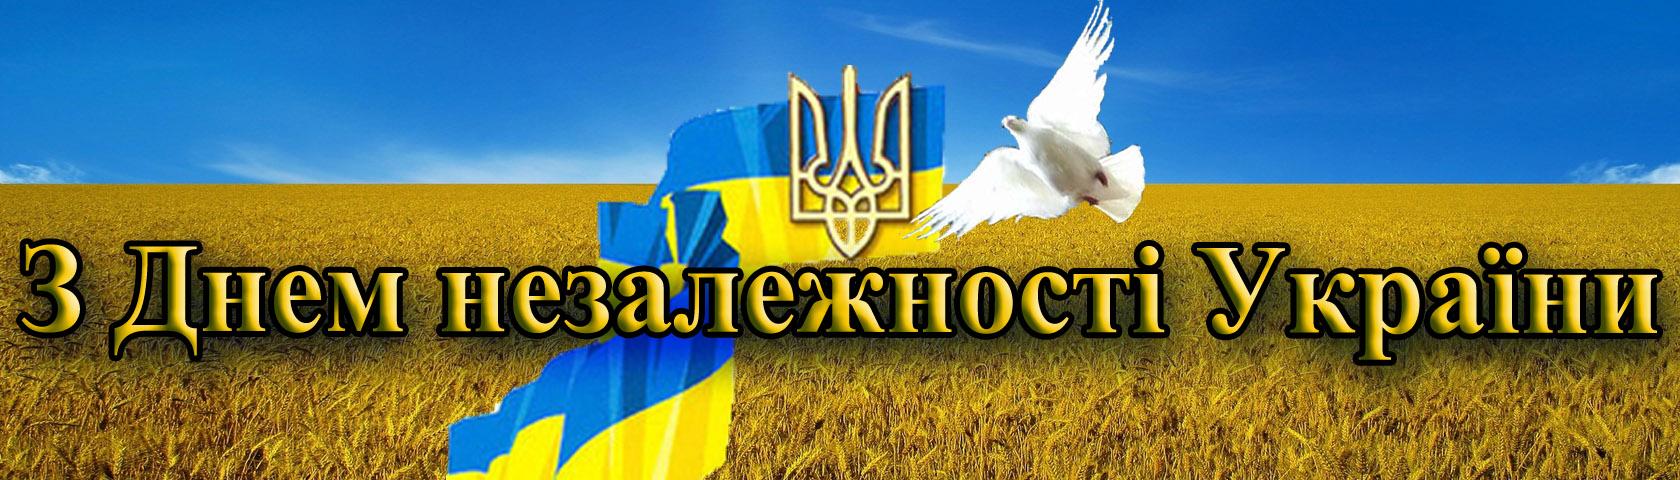 Картинки по запросу с днем независимости украина